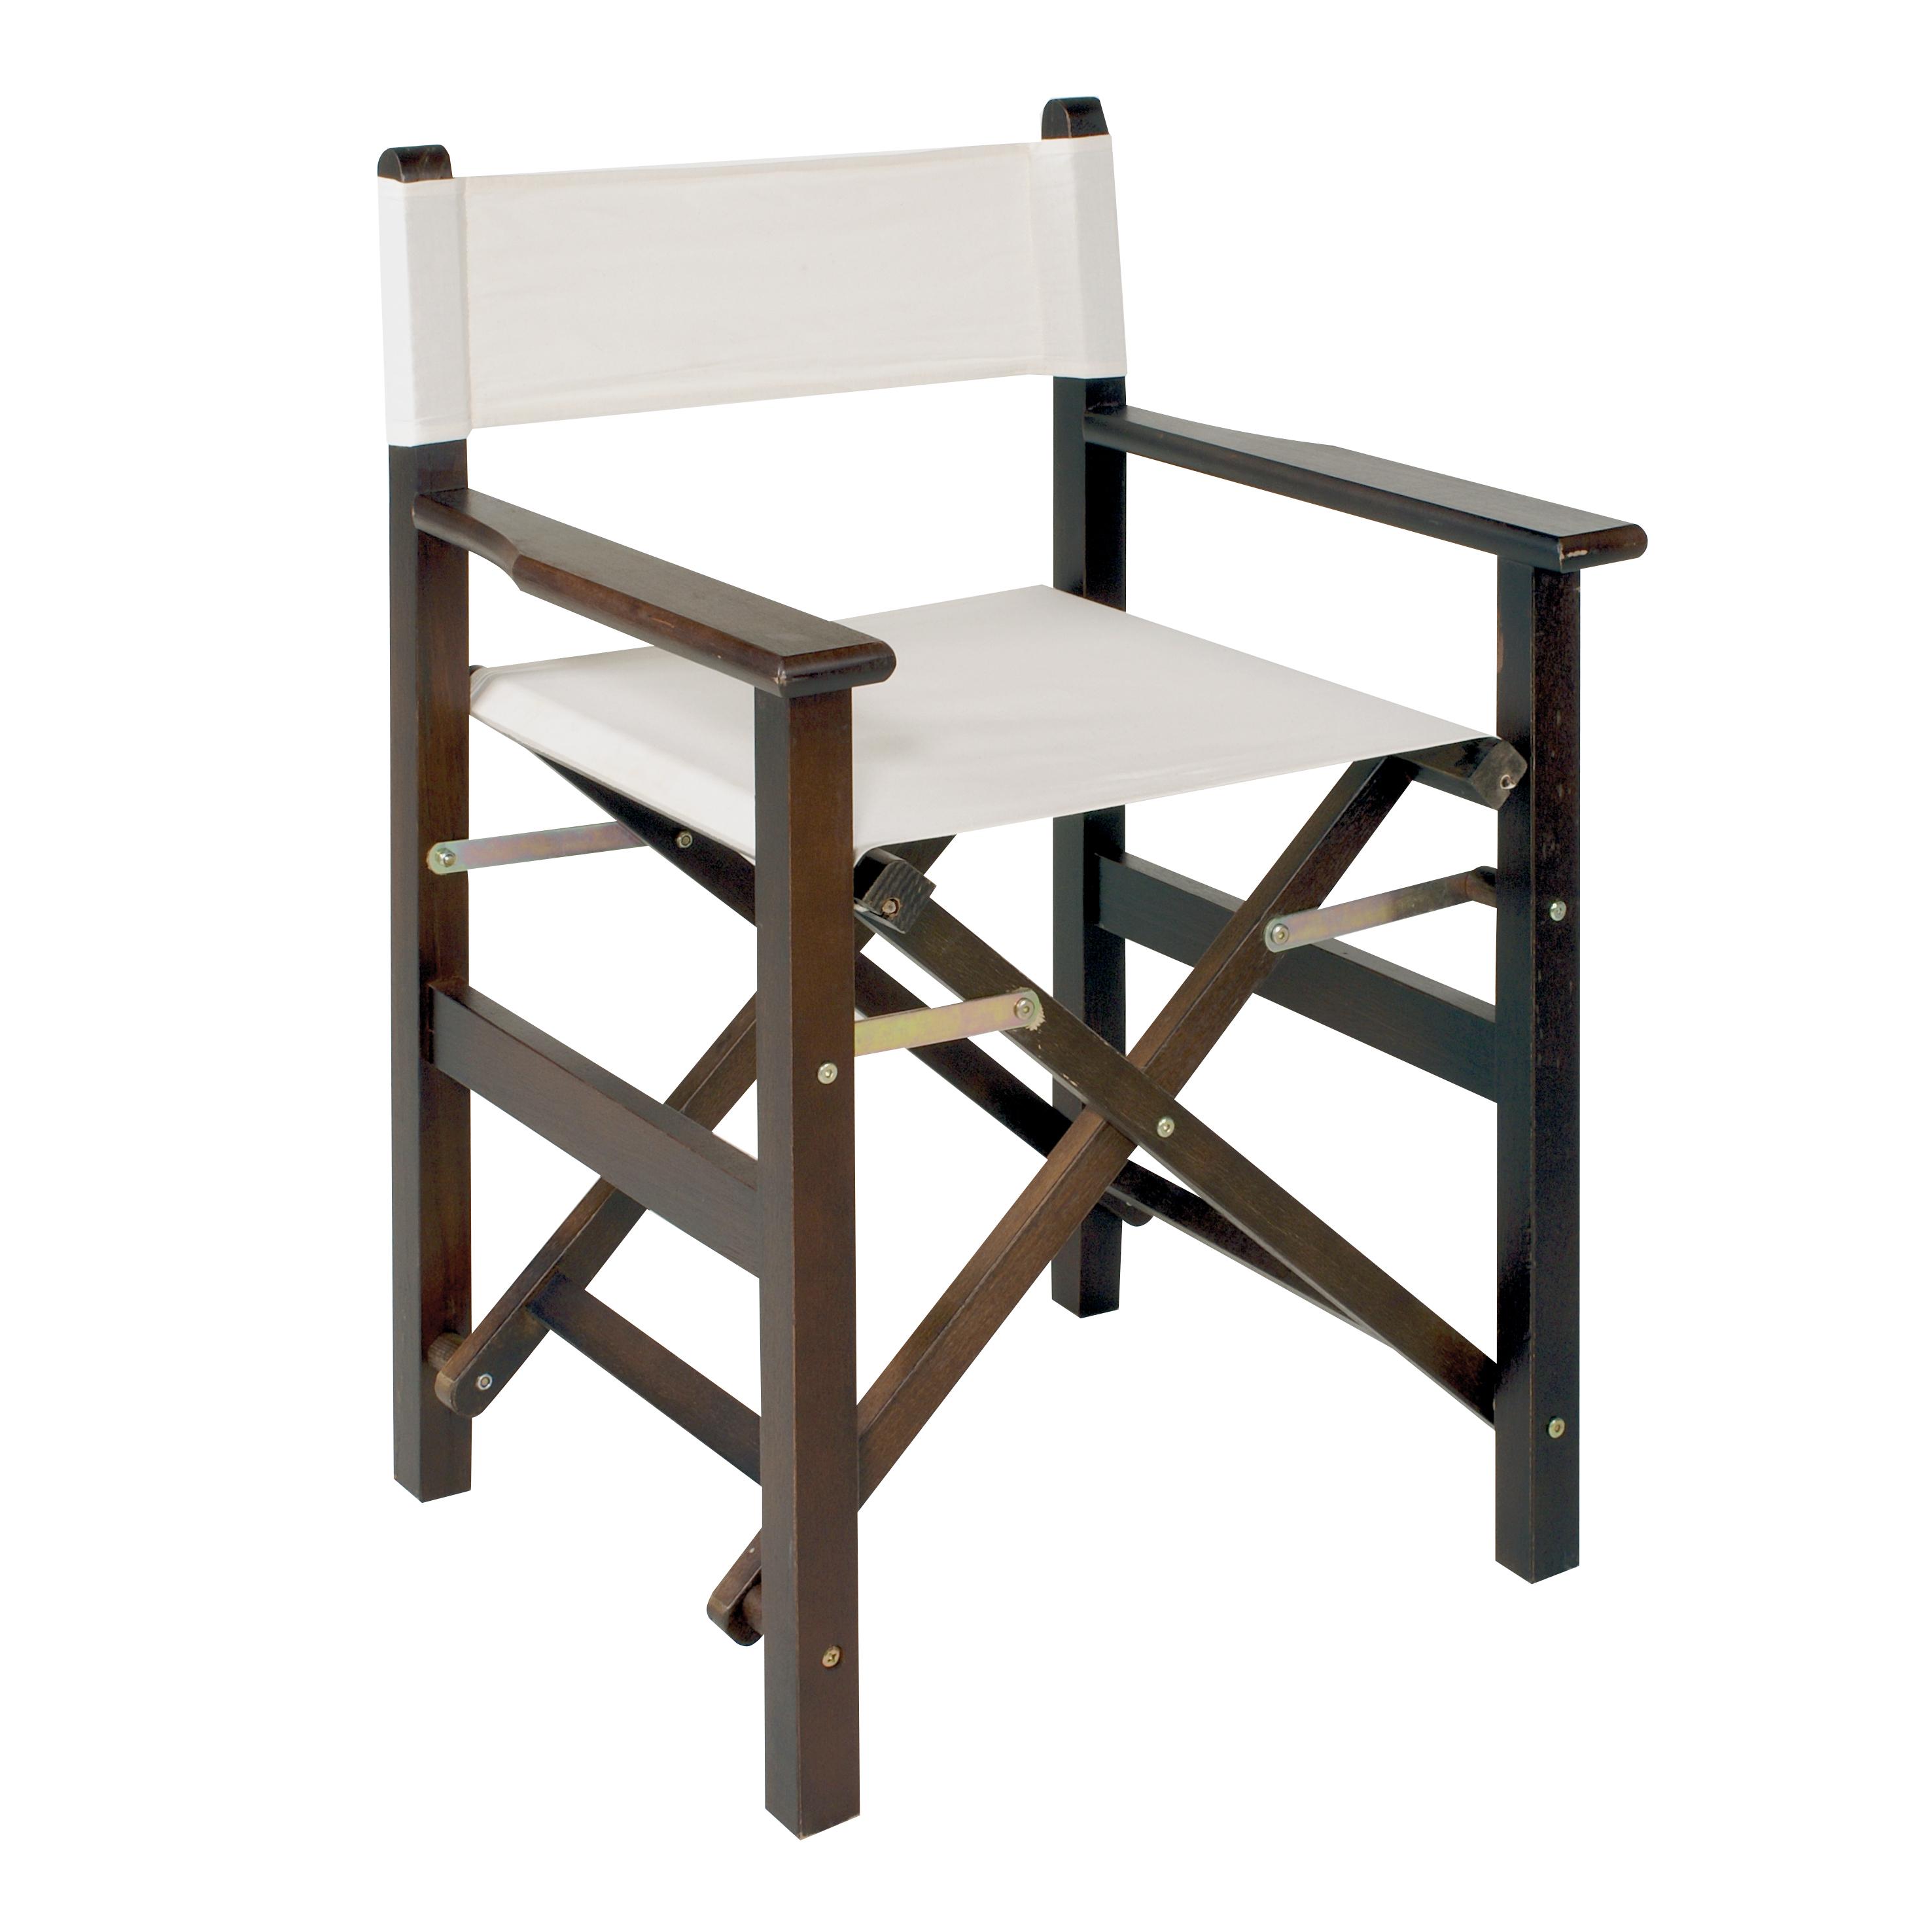 Regie-Stuhl CANNES: Liebhaber-Design-Stuhl, ideal für Fotostudio, Beauty & Friseur-Salon (Holz: Nussbaum, mit Lehne)